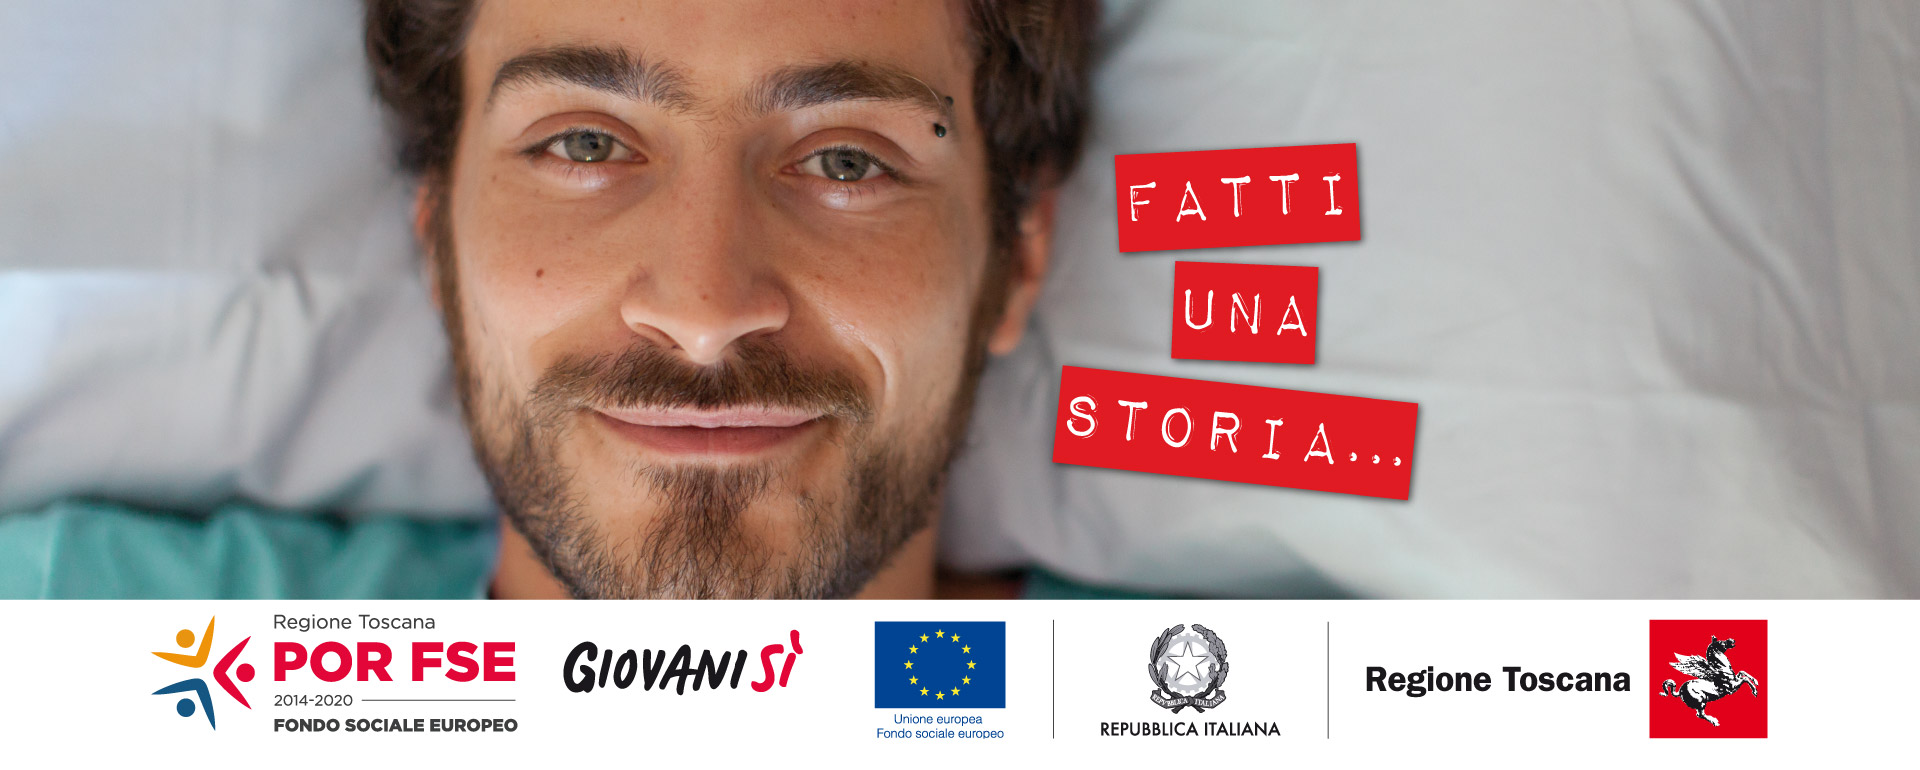 'Fatti una storia': Giovanisì e FSE in uno spot per il pubblico dei festival toscani